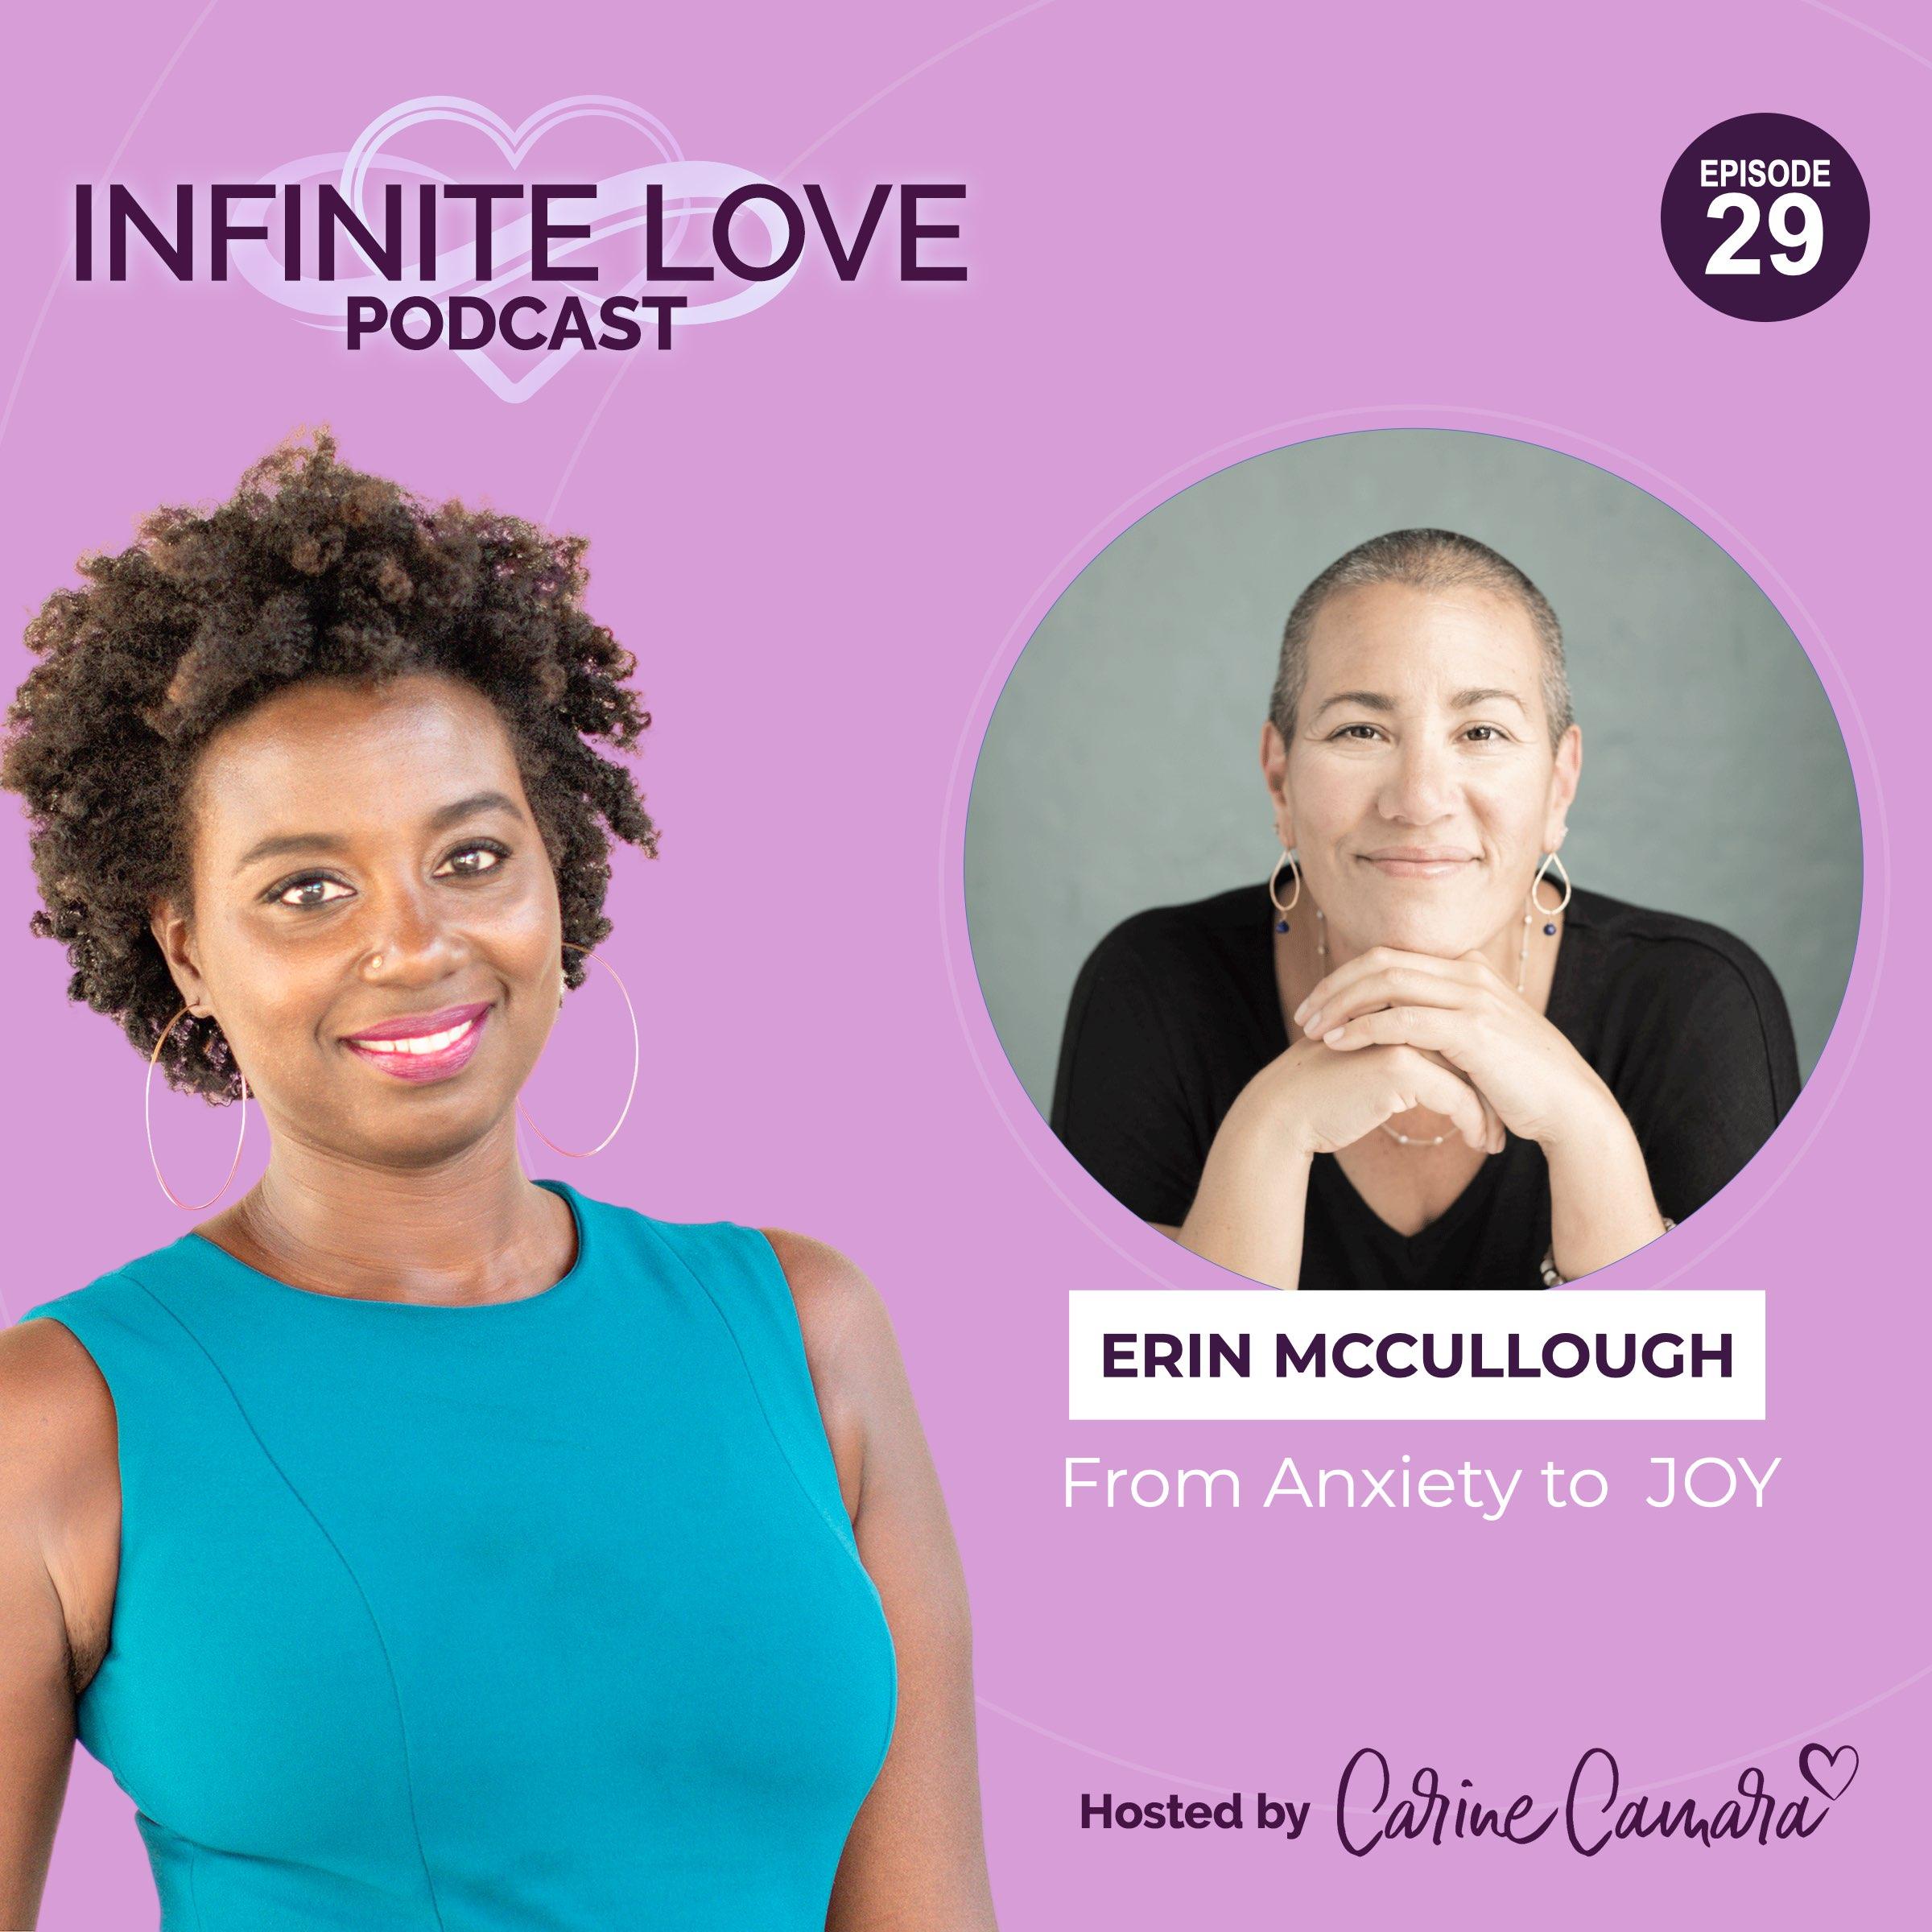 Artwork for podcast Infinite Love